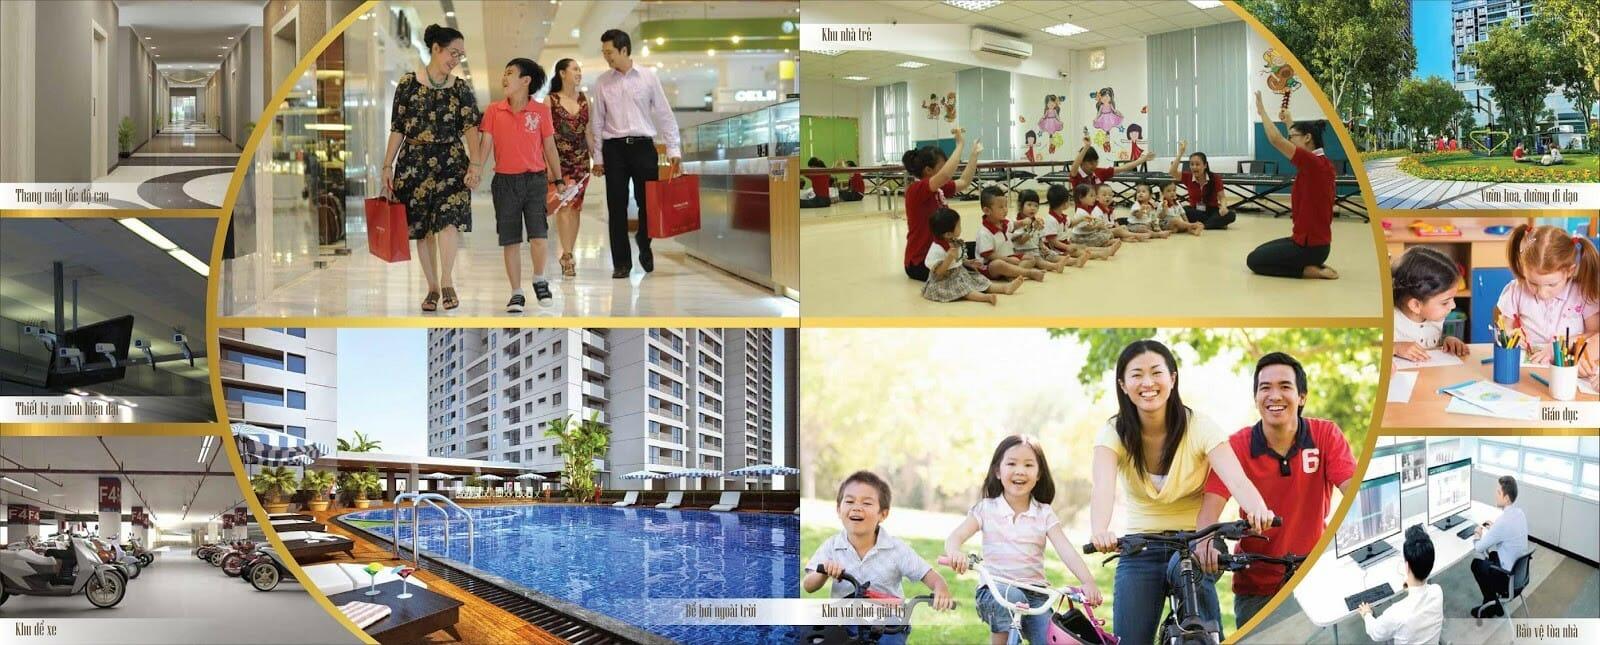 """Cho thuê căn hộ chung cư 1050 Chu Văn An: khẳng định """"sống xanh"""" đúng nghĩa"""